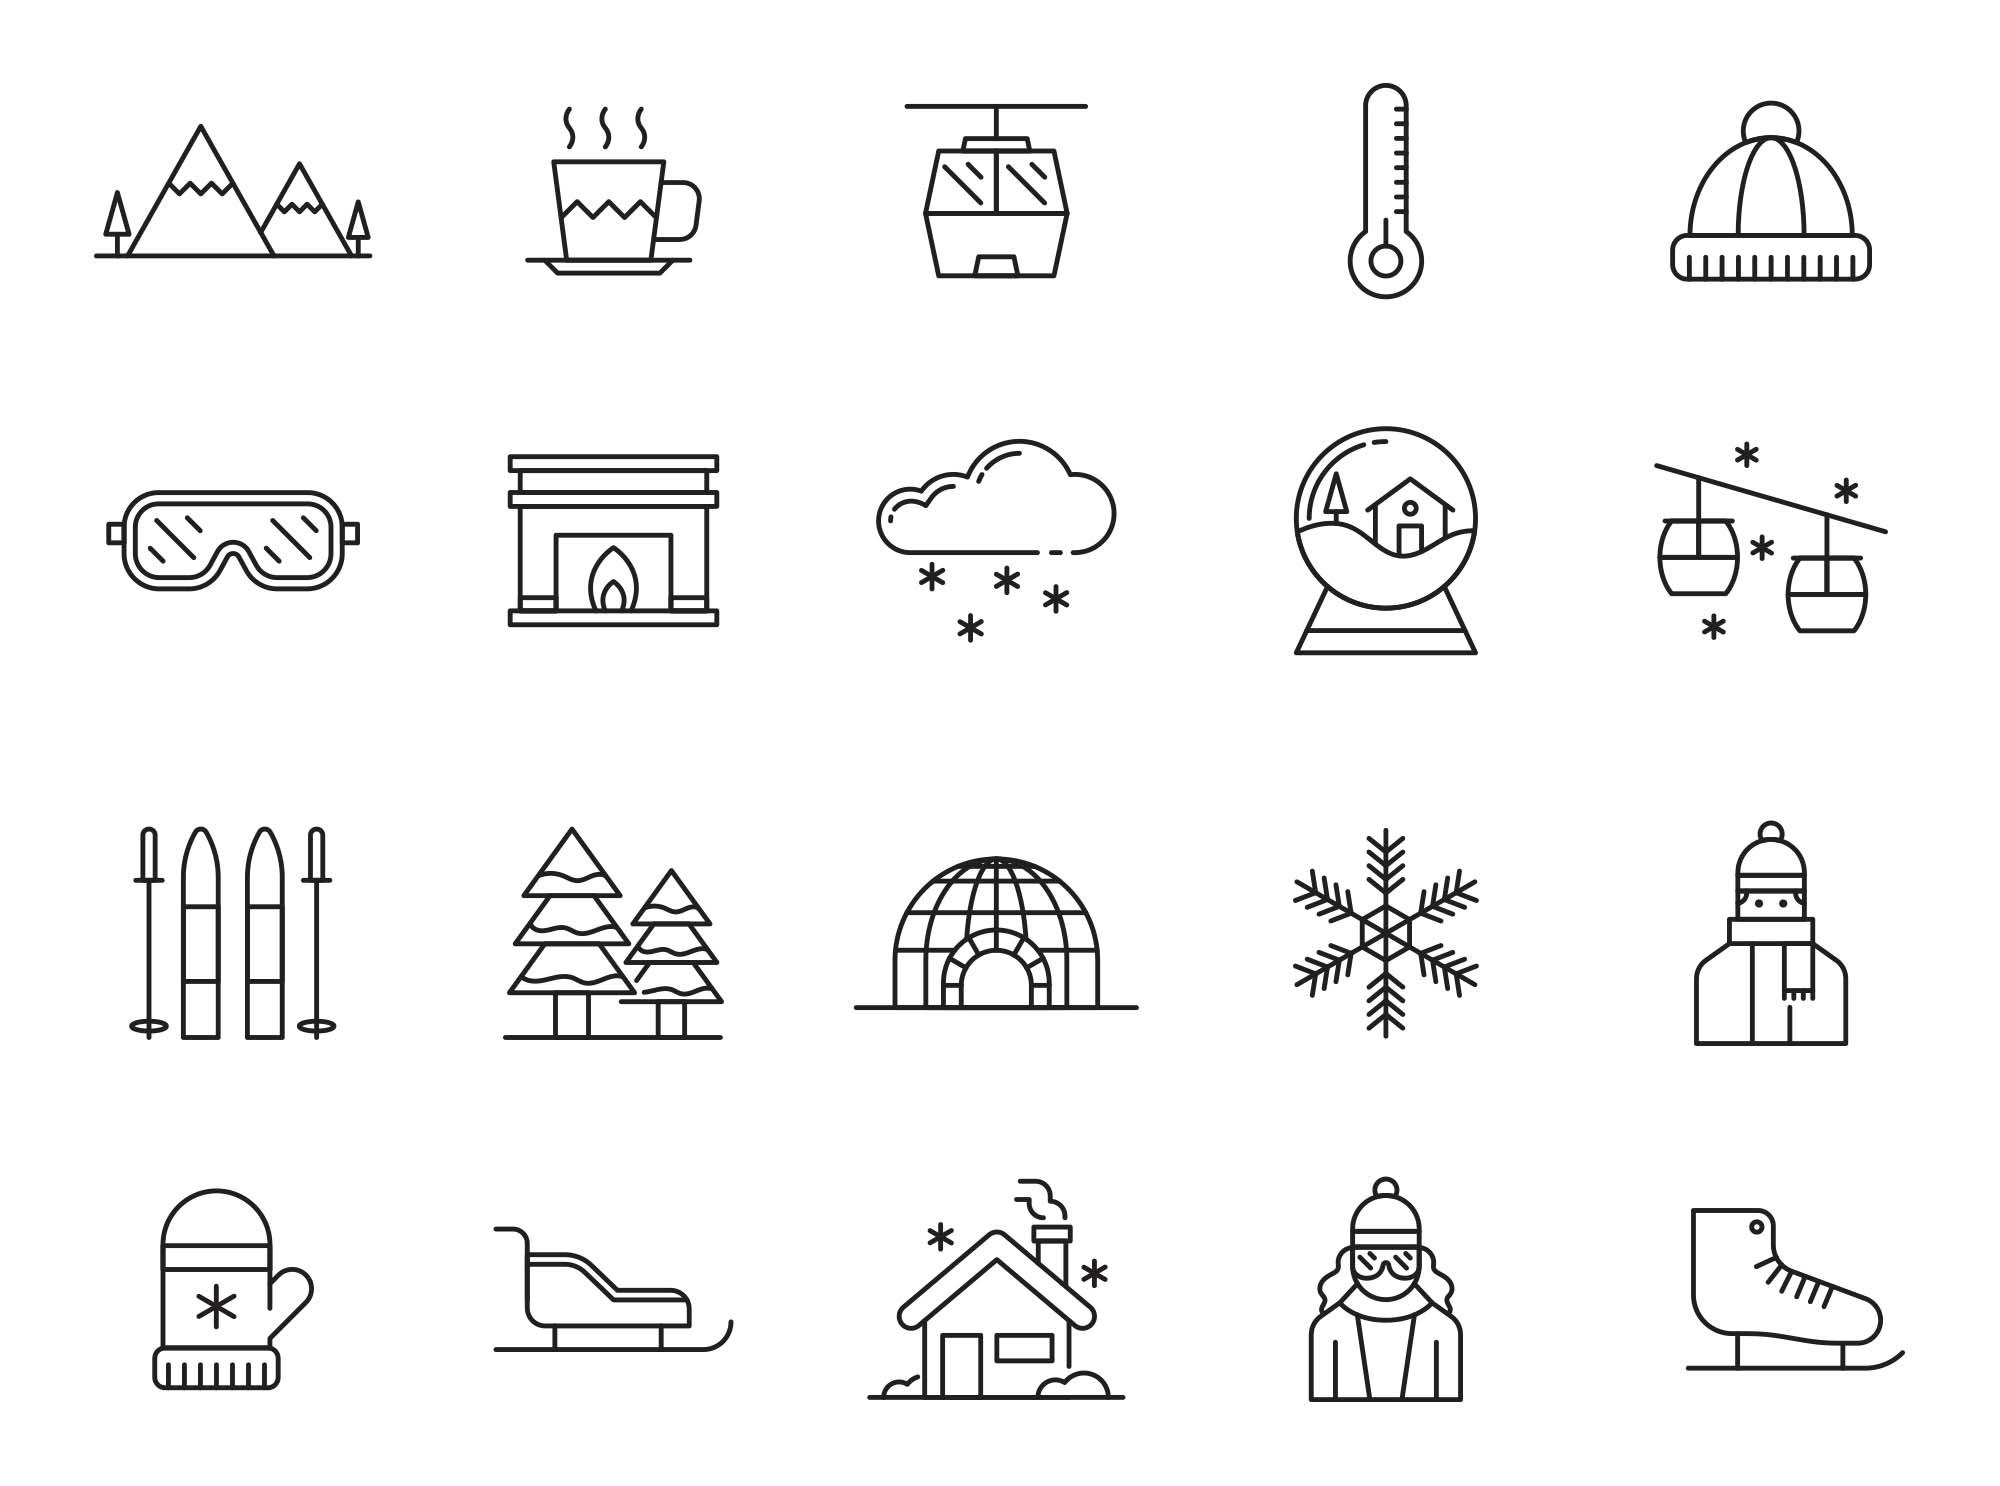 Alpine Vector Icons